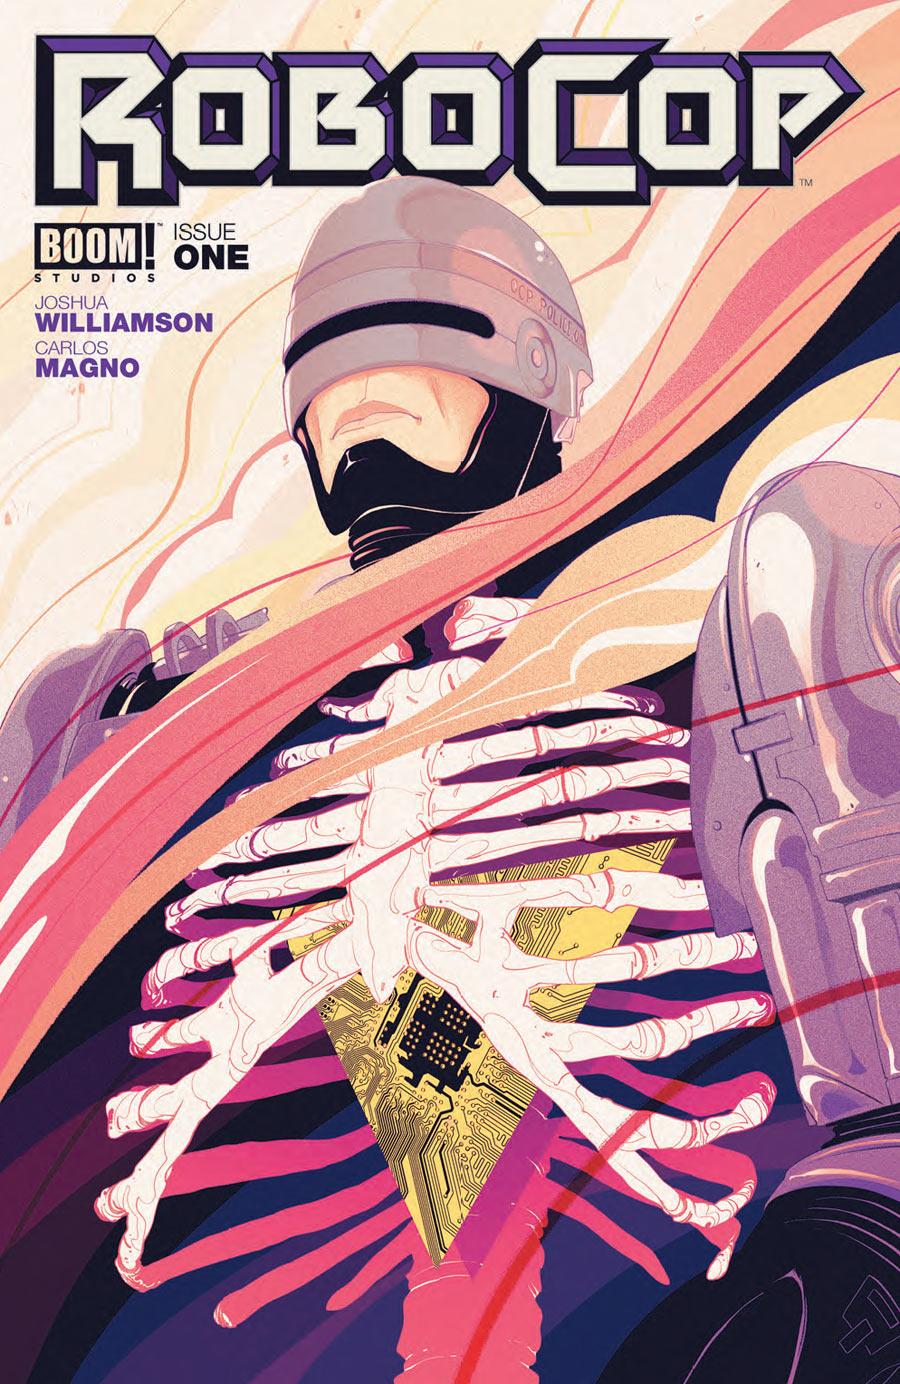 Robocop (2014) #1